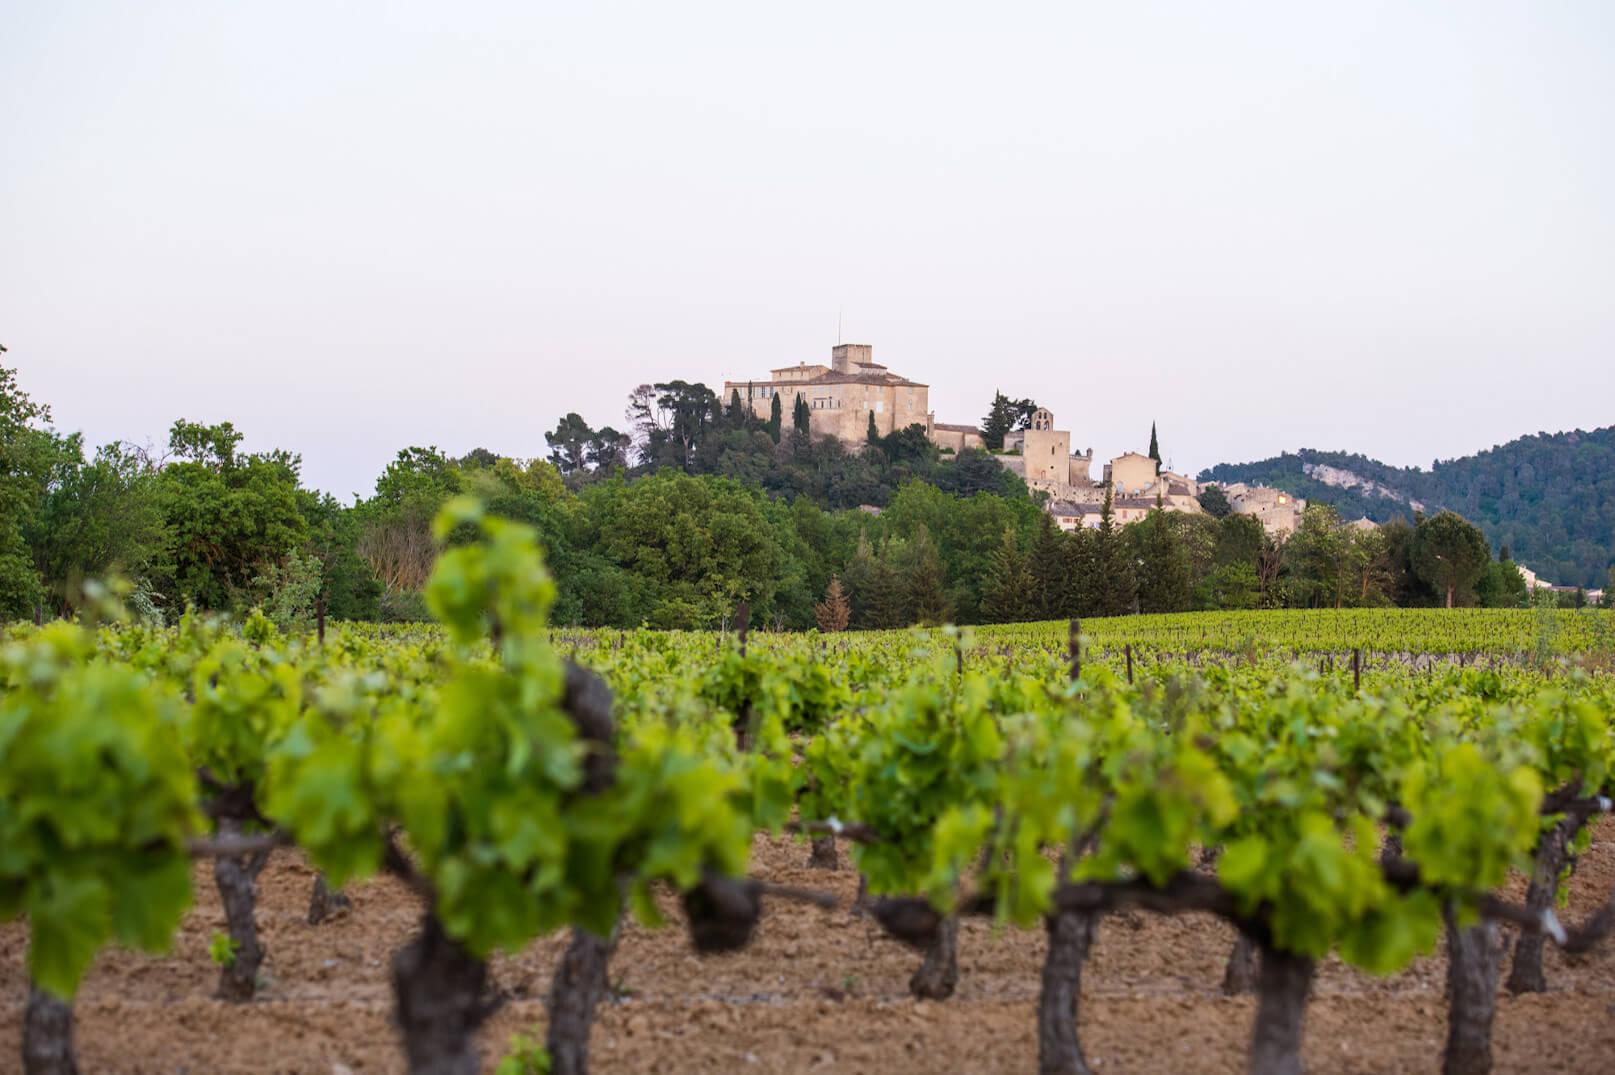 Los viñedos del Luberon